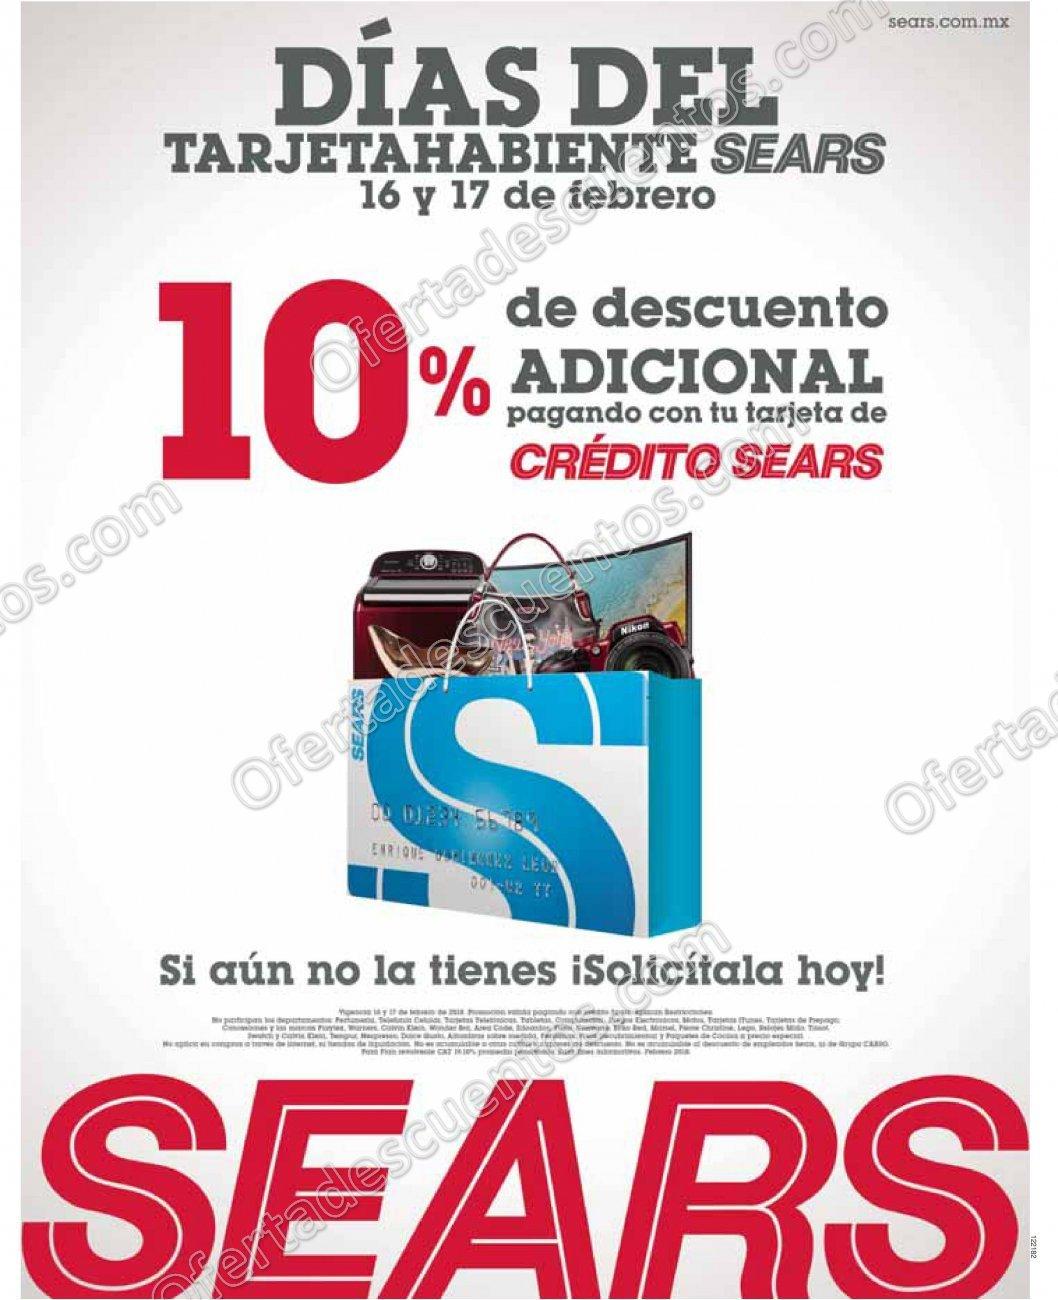 Ofertas Promociones Y Descuentos En Sears 2018 Oferta Descuentos # Muebles Sears Monterrey